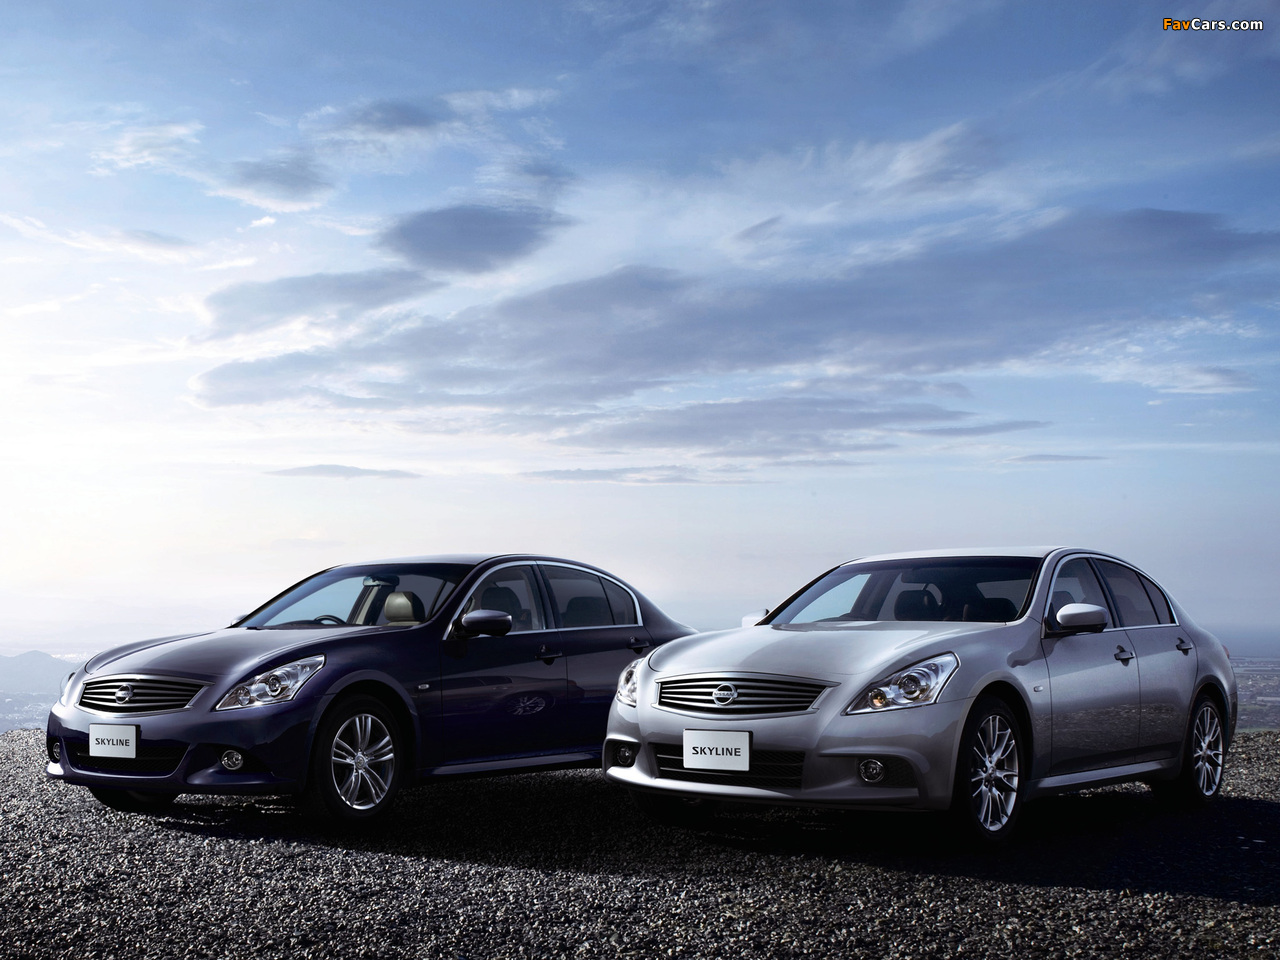 Photos of Nissan Skyline (1280 x 960)